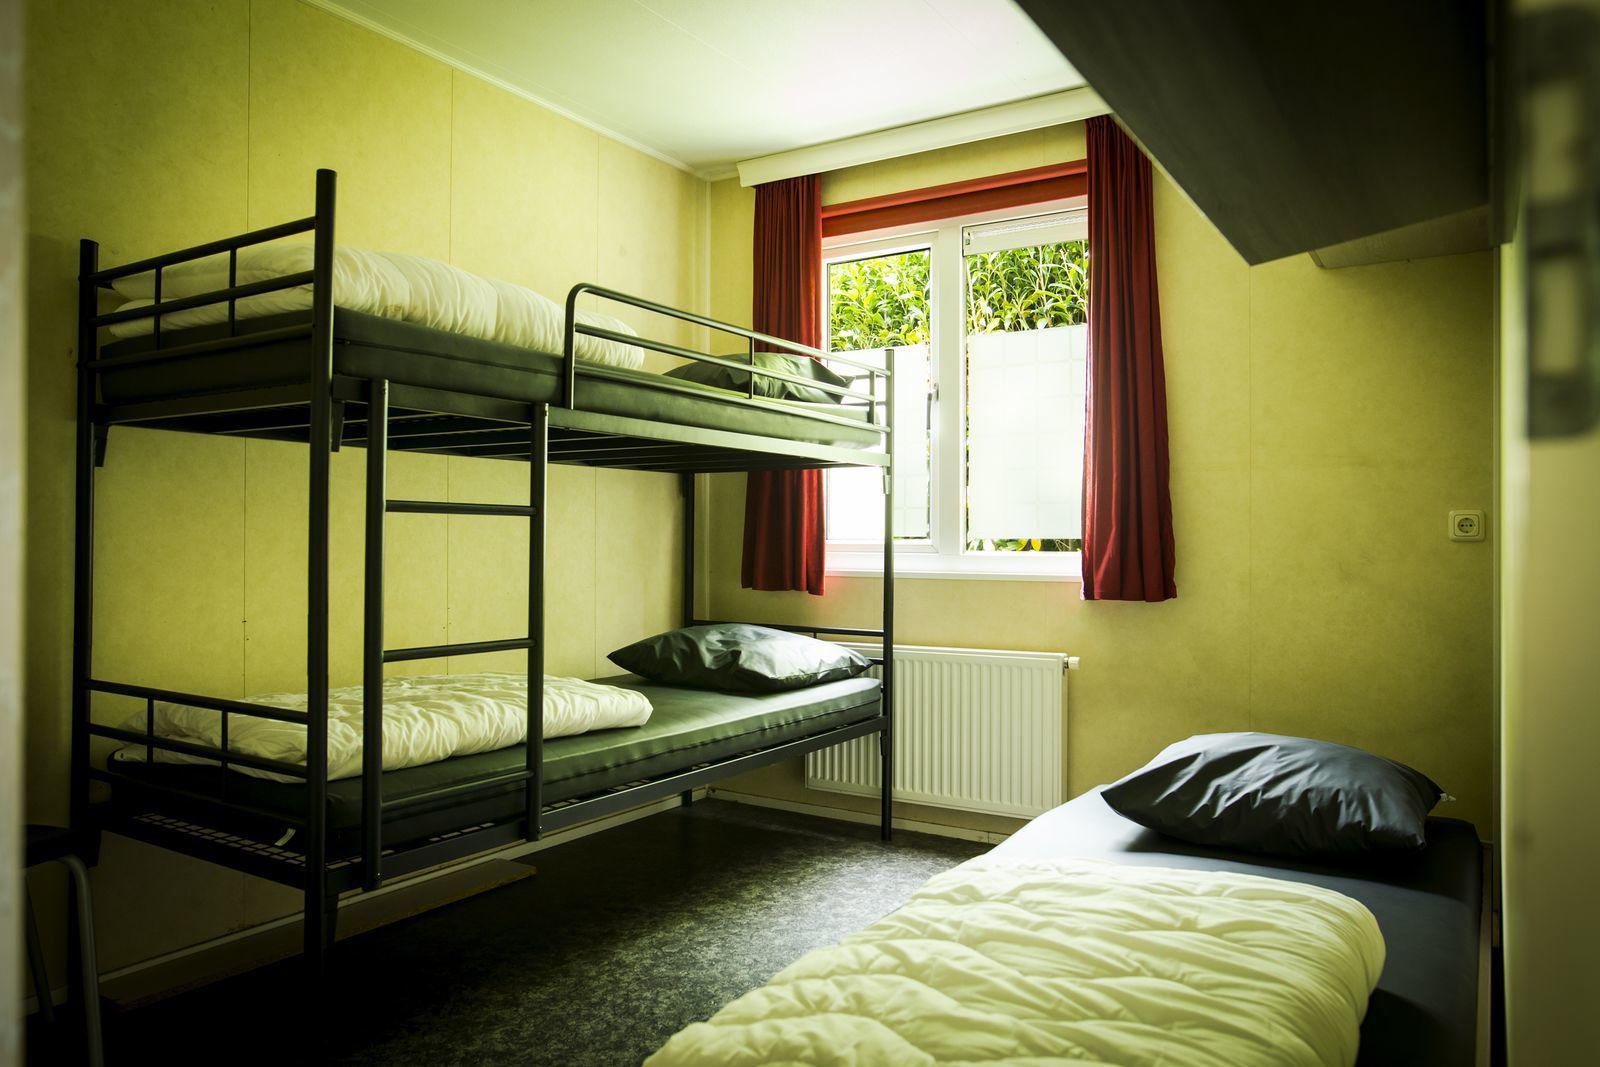 Duinhoeve Vakantiehuis 6 personen met ruime tuin Udenhout Noord-Brabant